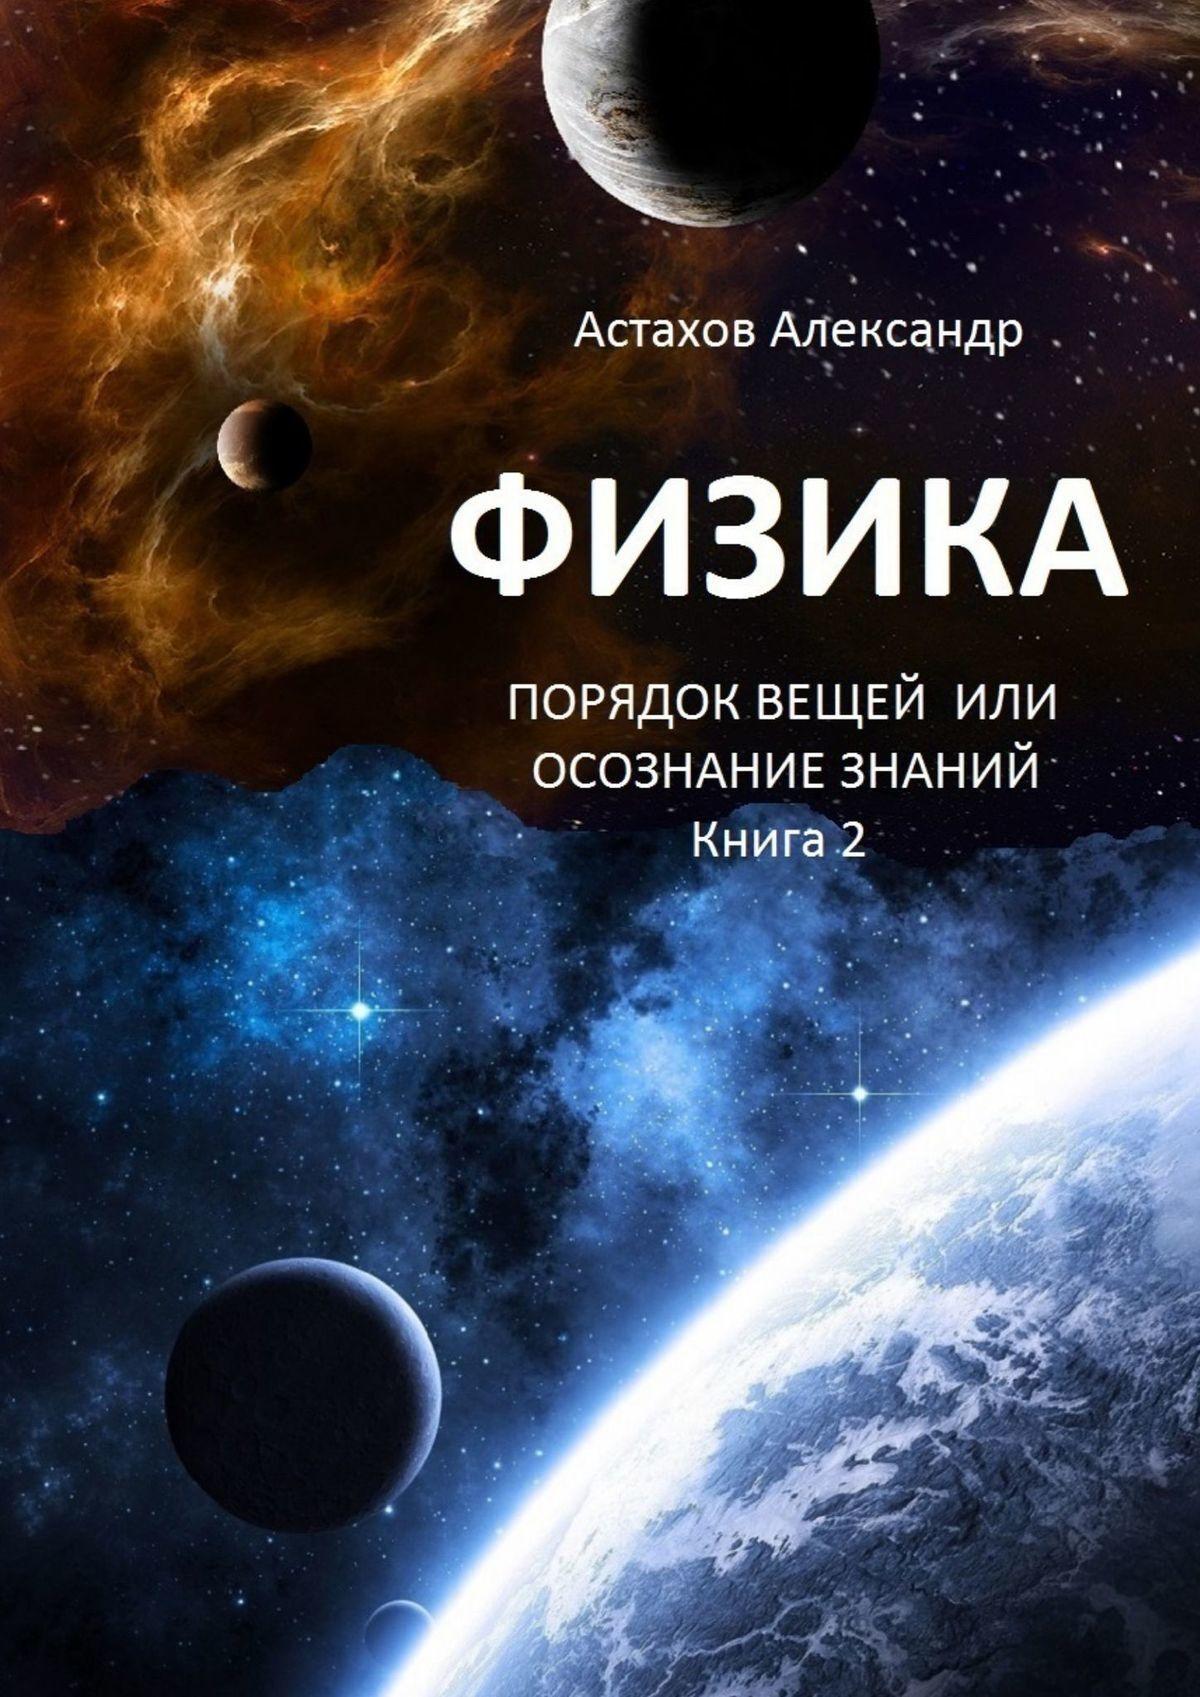 Физика. Порядок вещей, или Осознание знаний. Книга 2